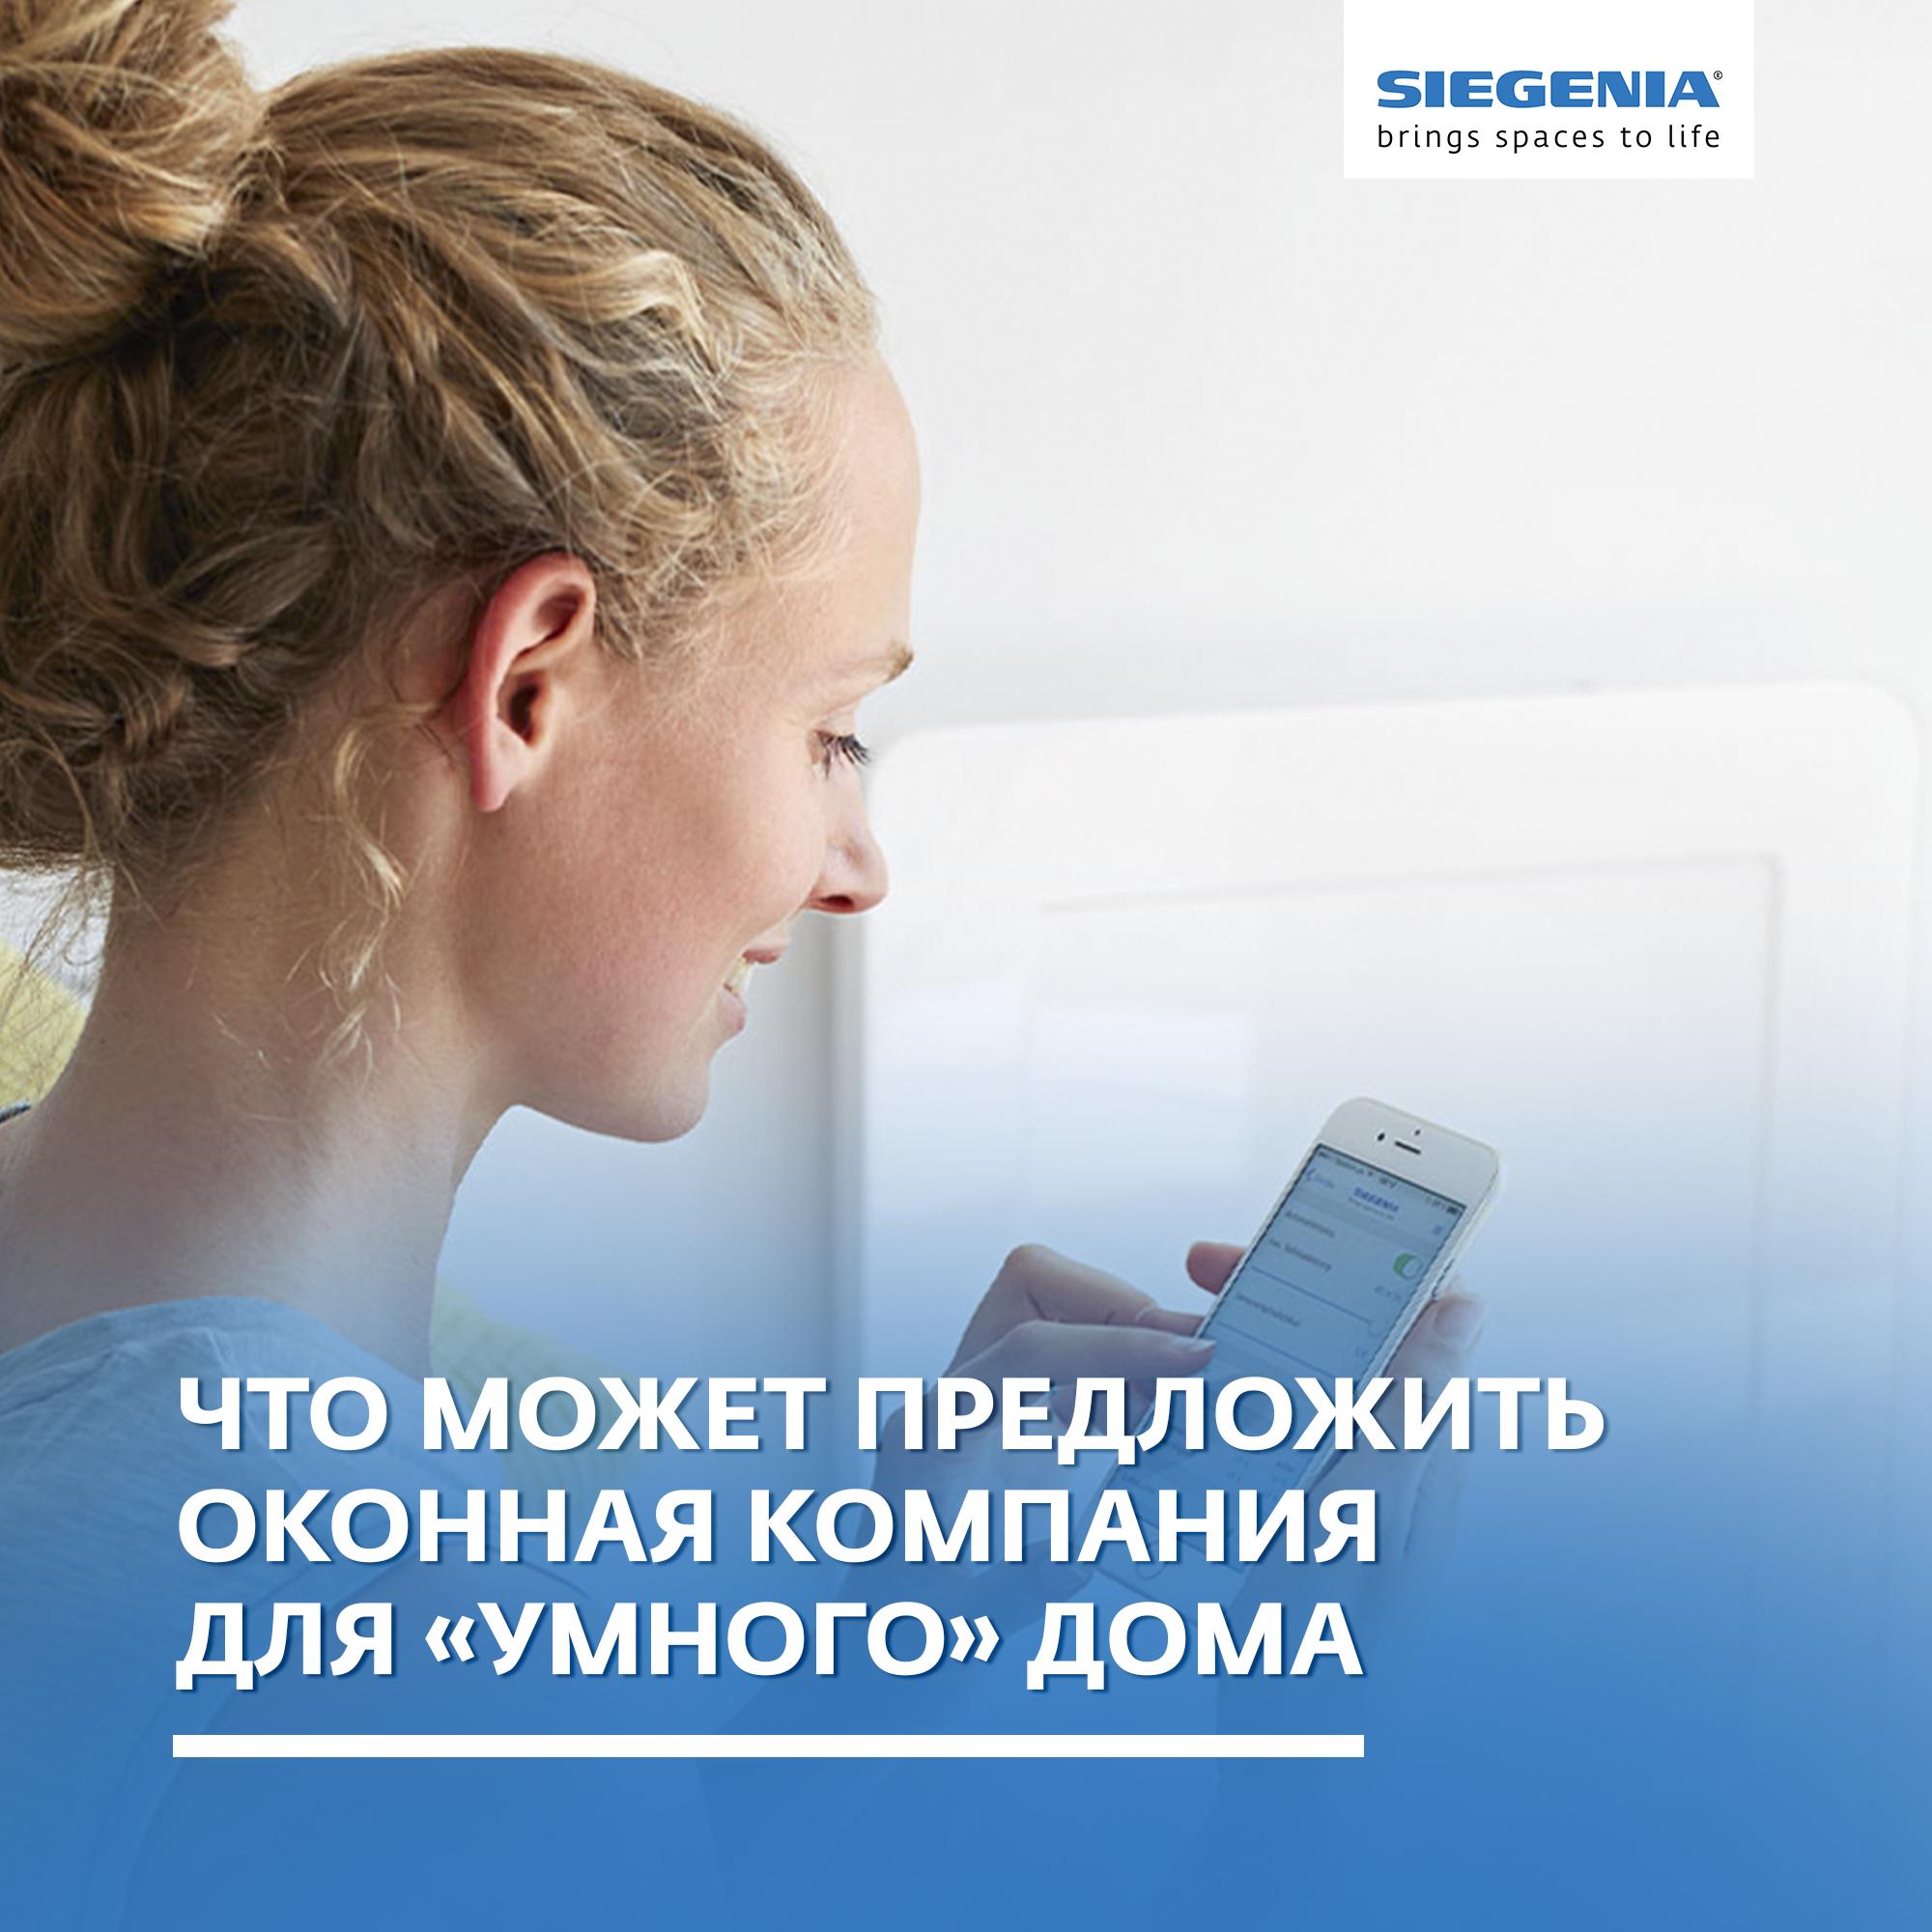 chto-mozhet-predlozhit-okonnaya-kompaniya-dlya-umnogo-doma